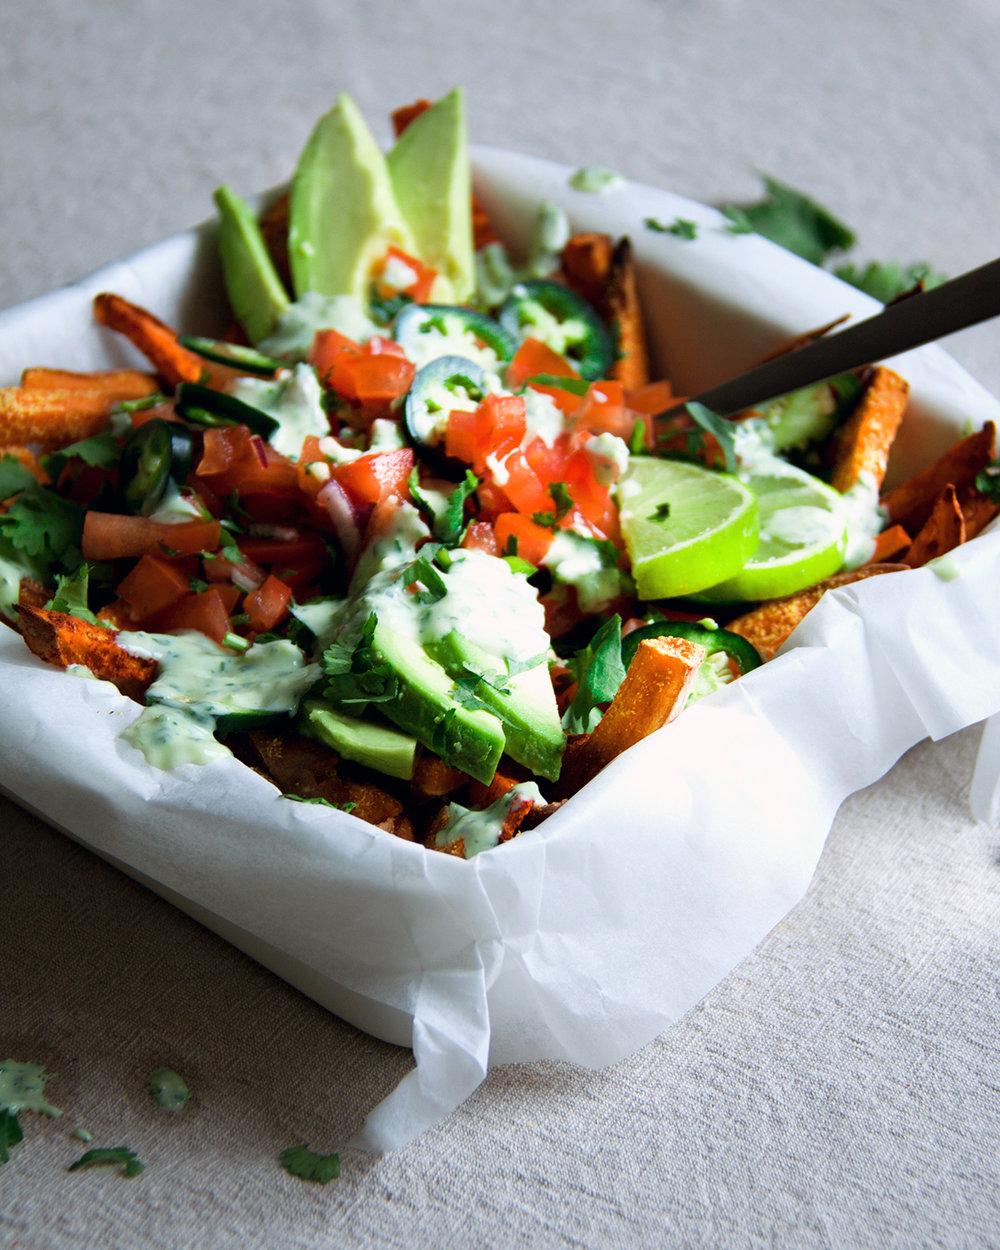 mexicaans-kapsalon-loaded-fries-vegan-whole-foods-olievrij-02b.jpg